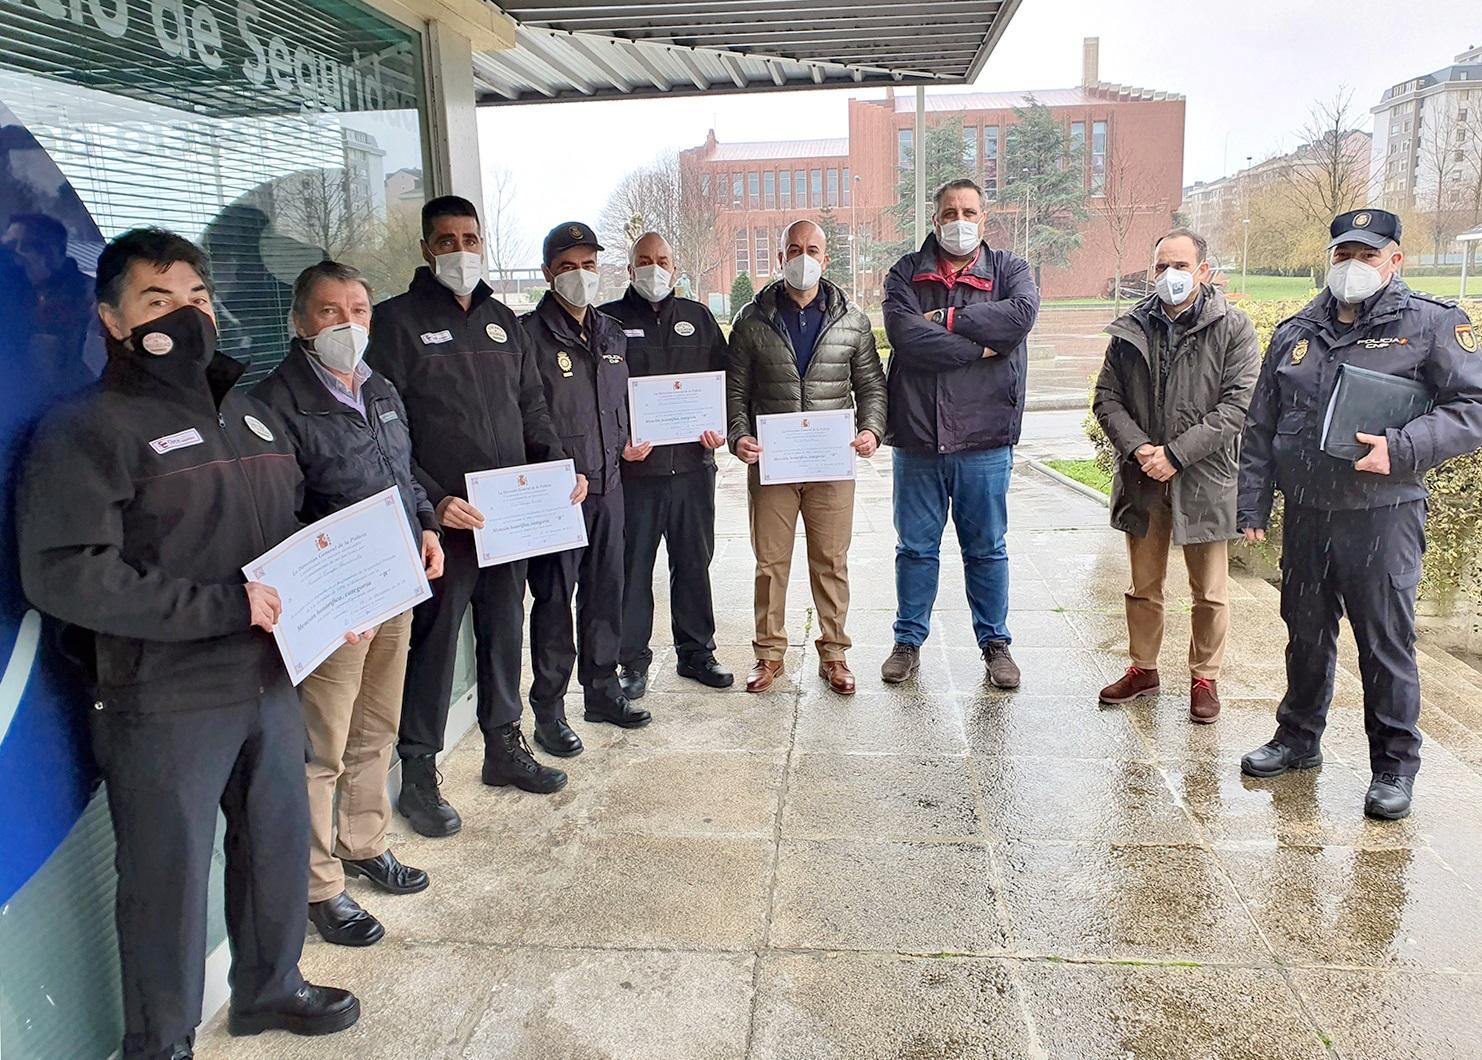 Cuatro vigilantes de seguridad de la UC reciben una mención honorífica de la DGP.